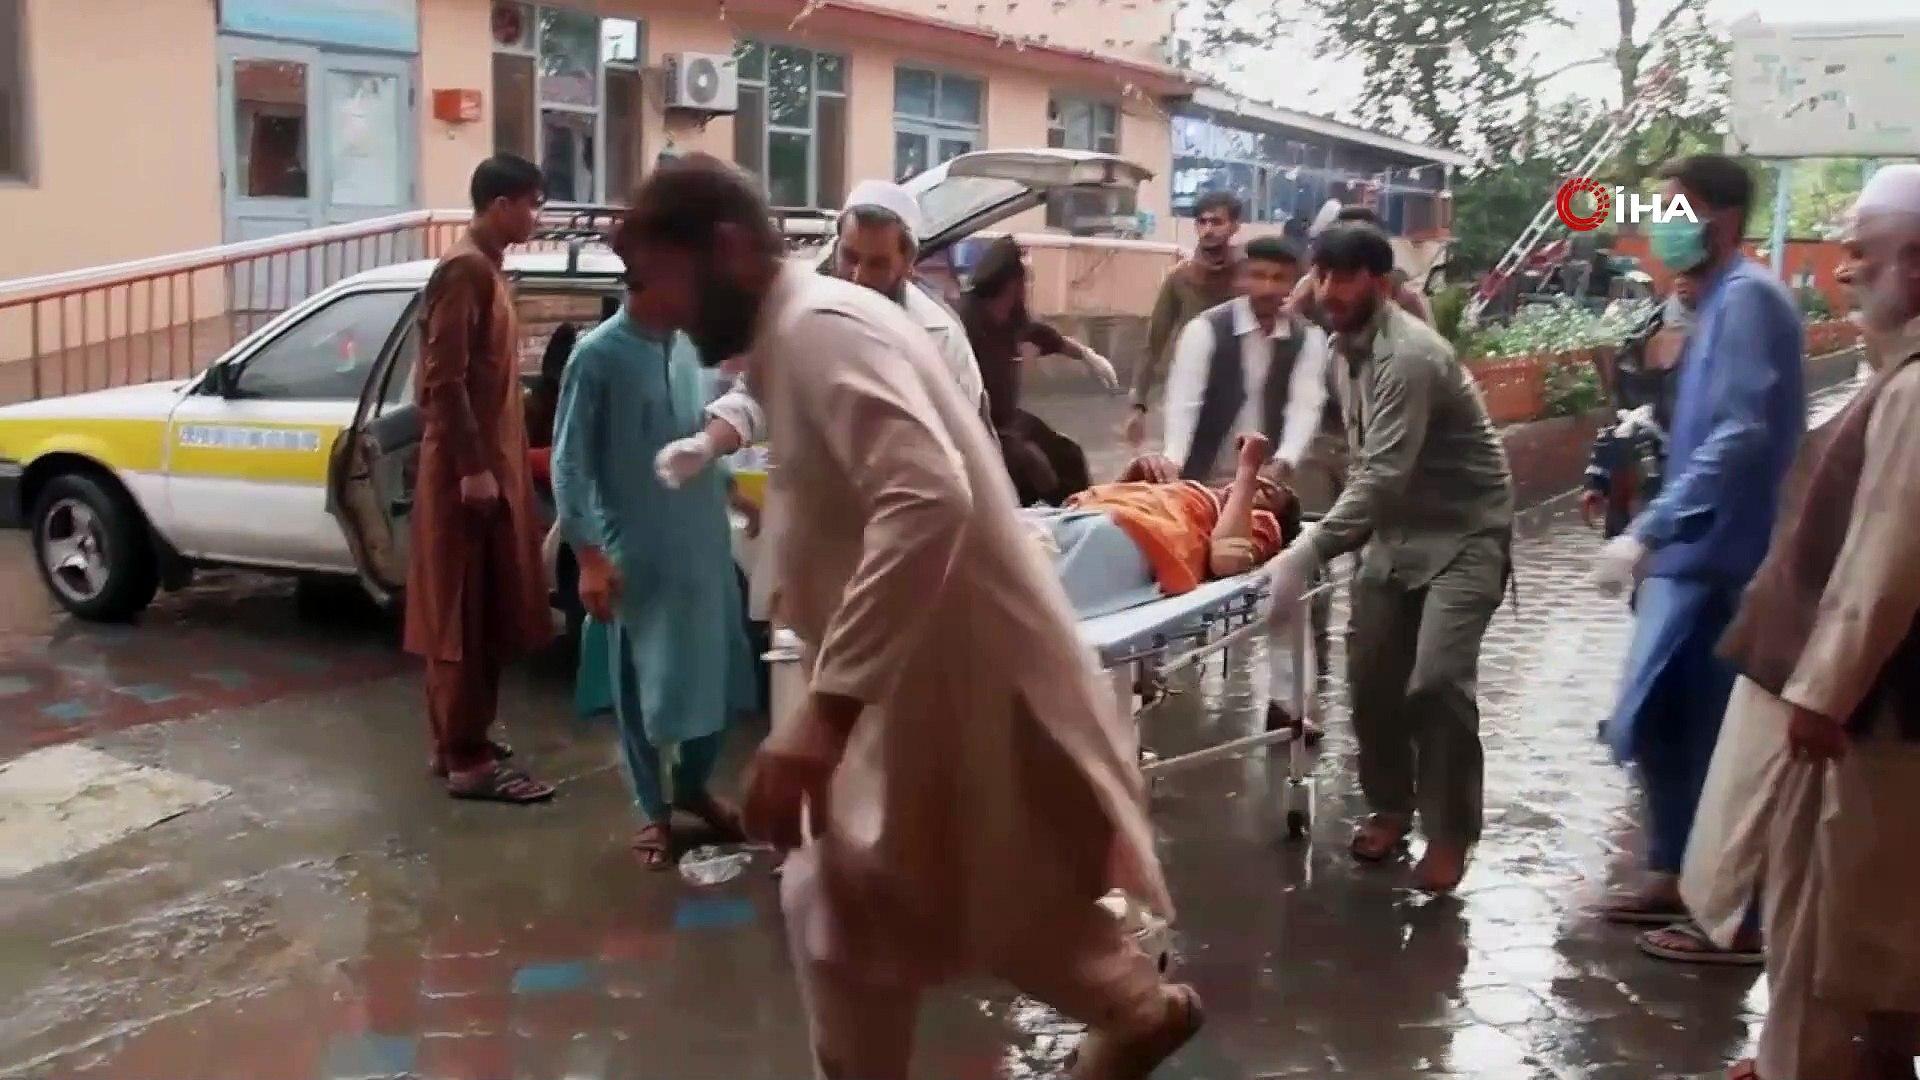 - Afganistan'daki Patlamada Ölü Sayısı 69'a Yükseldi- Arama Çalışmaları Sürüyor